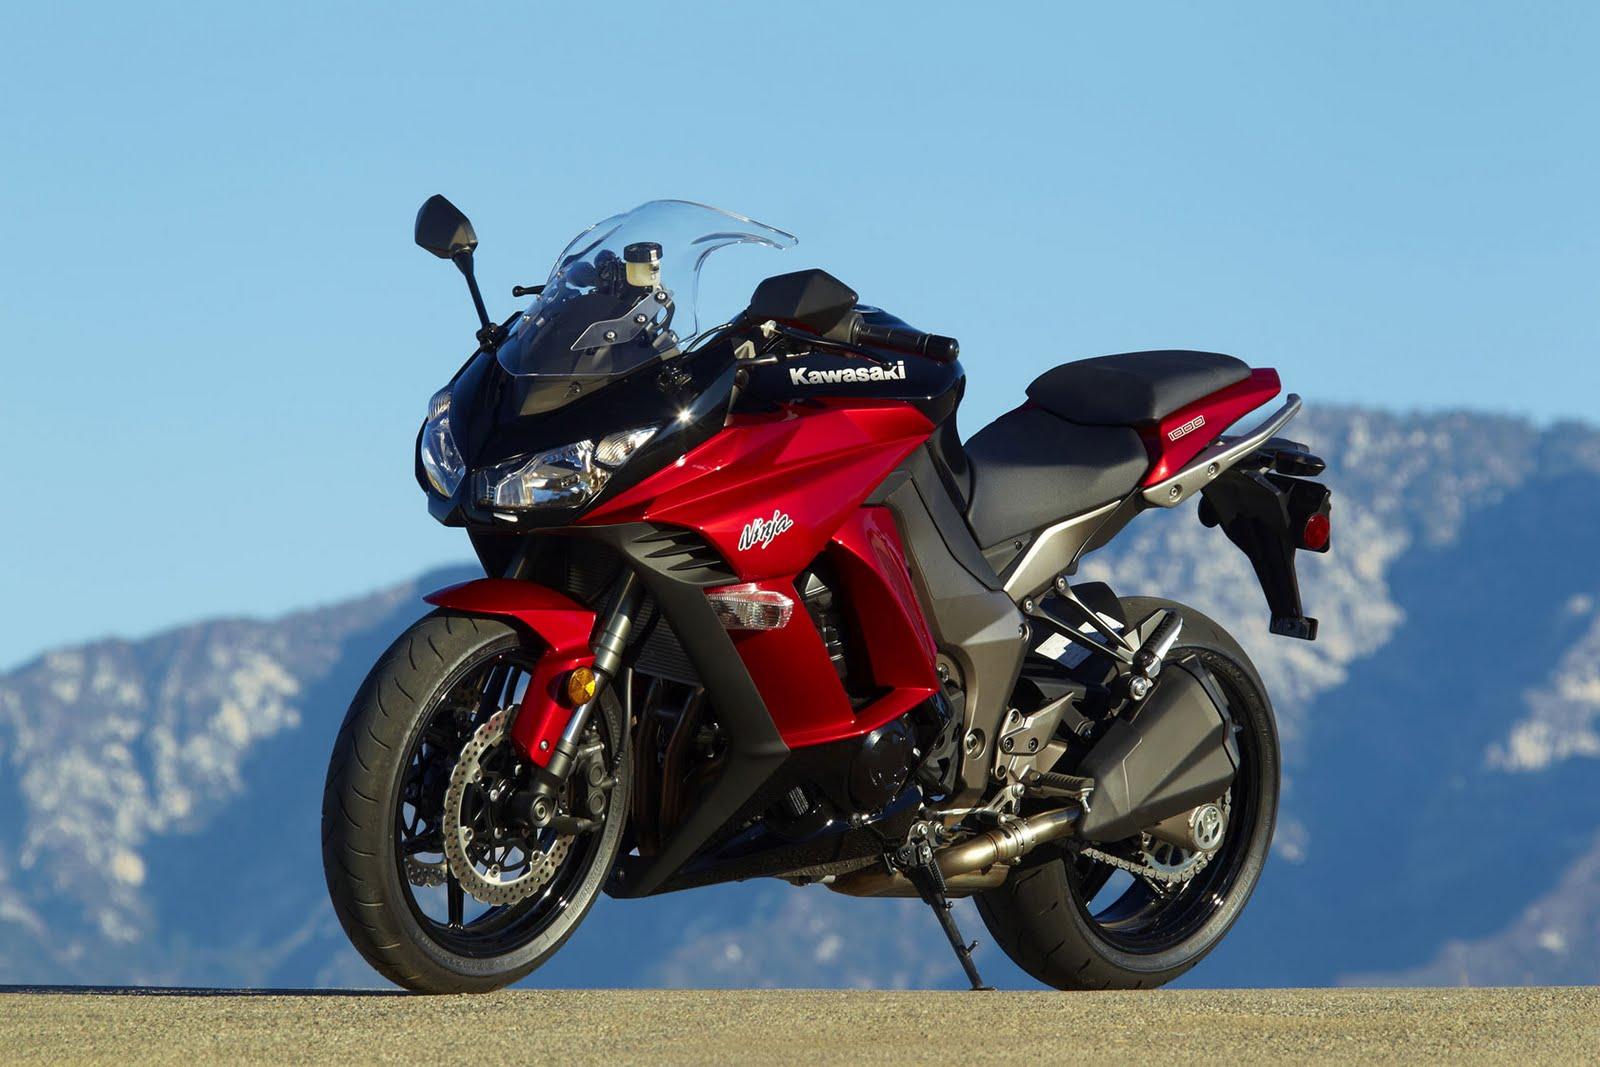 http://2.bp.blogspot.com/-YaFusTJ2RSE/TeVLy3eR8OI/AAAAAAAAArU/CZYLW3wmZbQ/s1600/2011-Kawasaki-Ninja-1000-First-Image.jpg